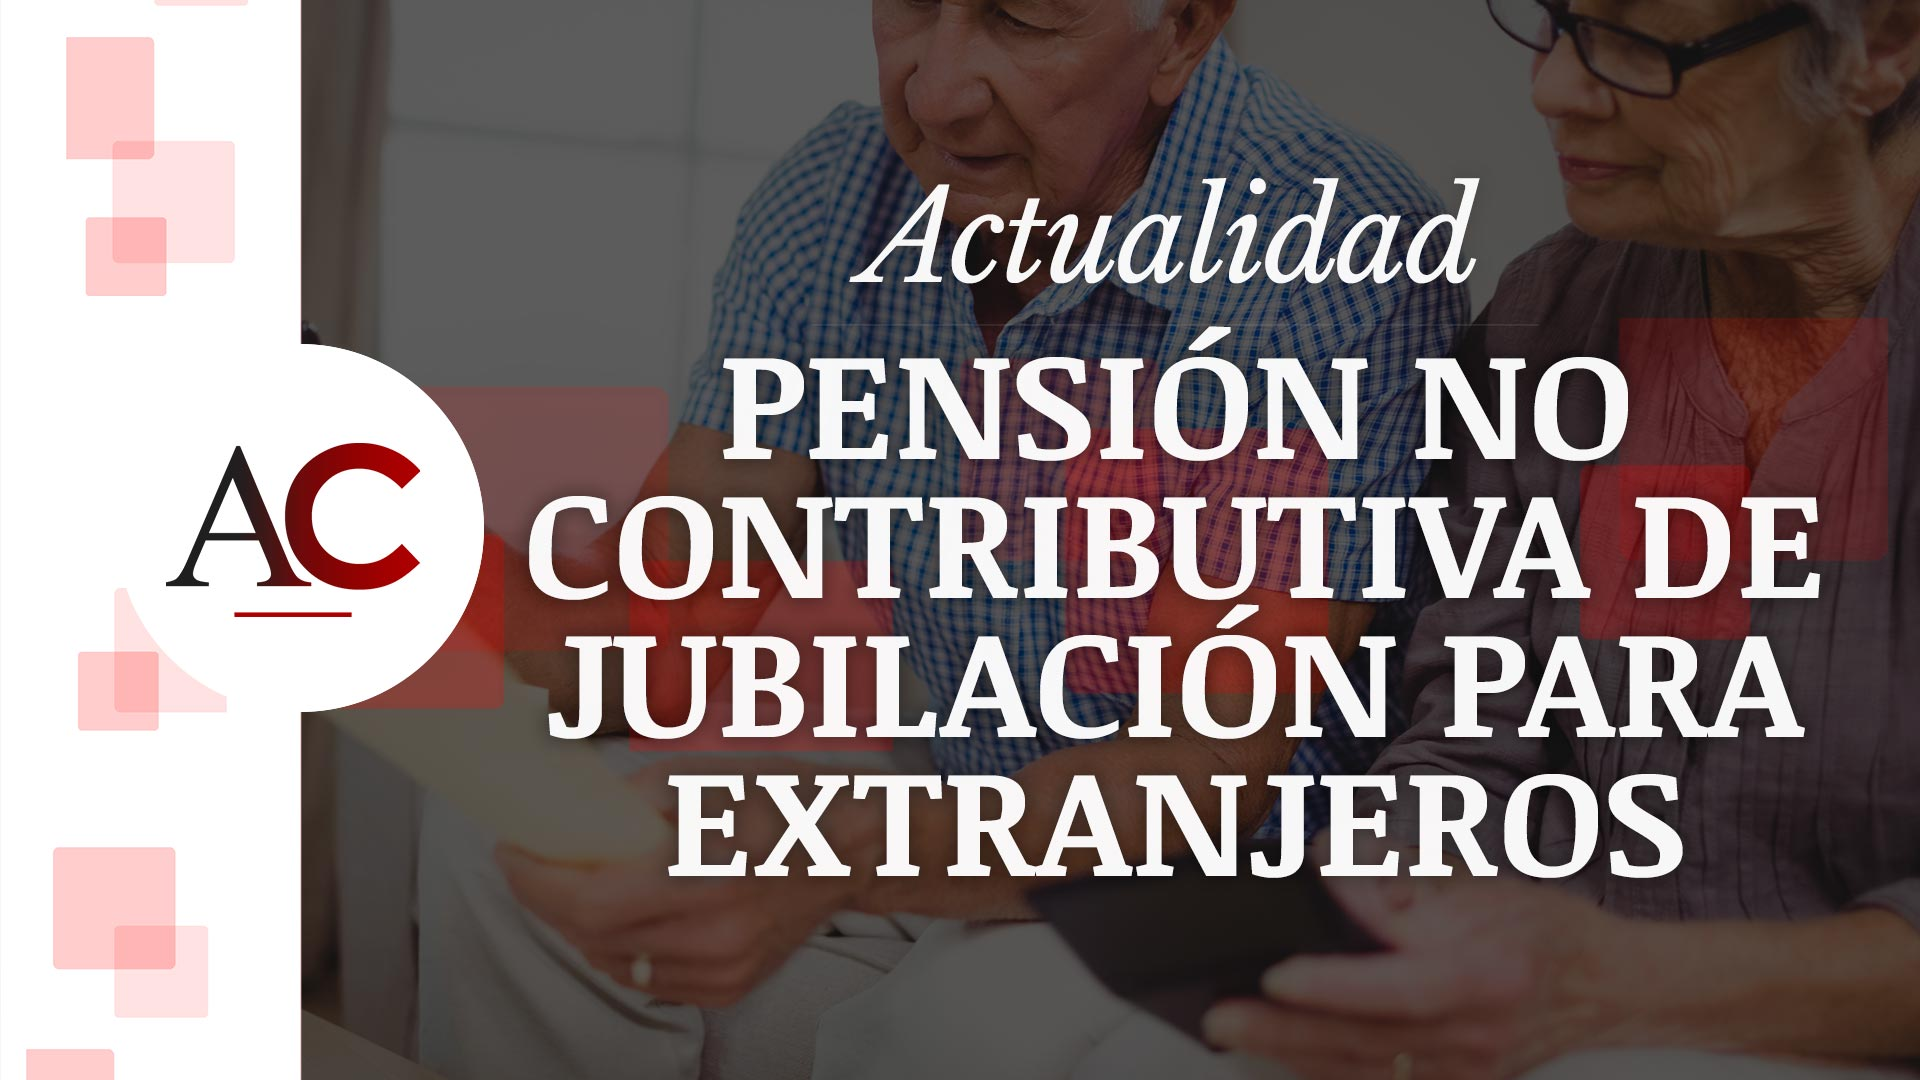 [HUBSPOT] ACT21 - JCV - Pensión no contributiva de jubilación para extranjeros